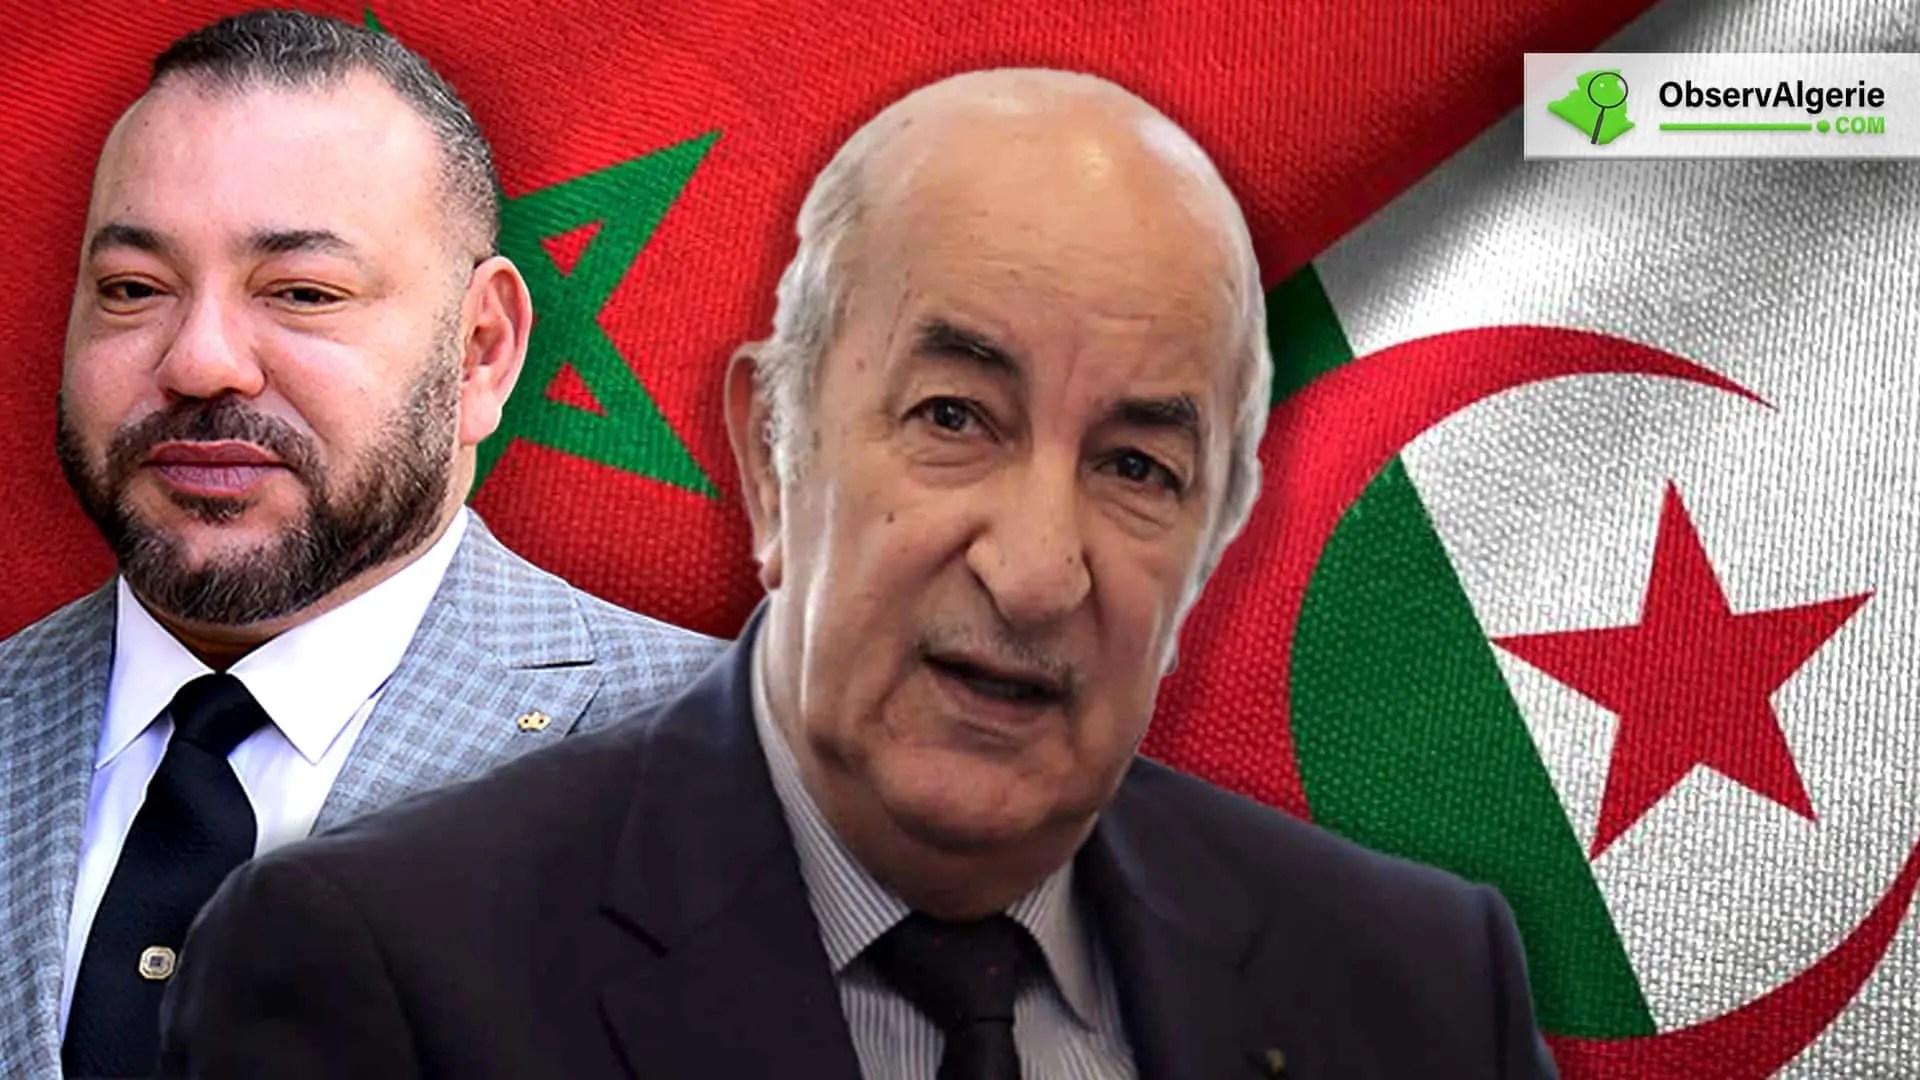 Fermeture des frontières algéro-marocaines : Tebboune tacle le Maroc